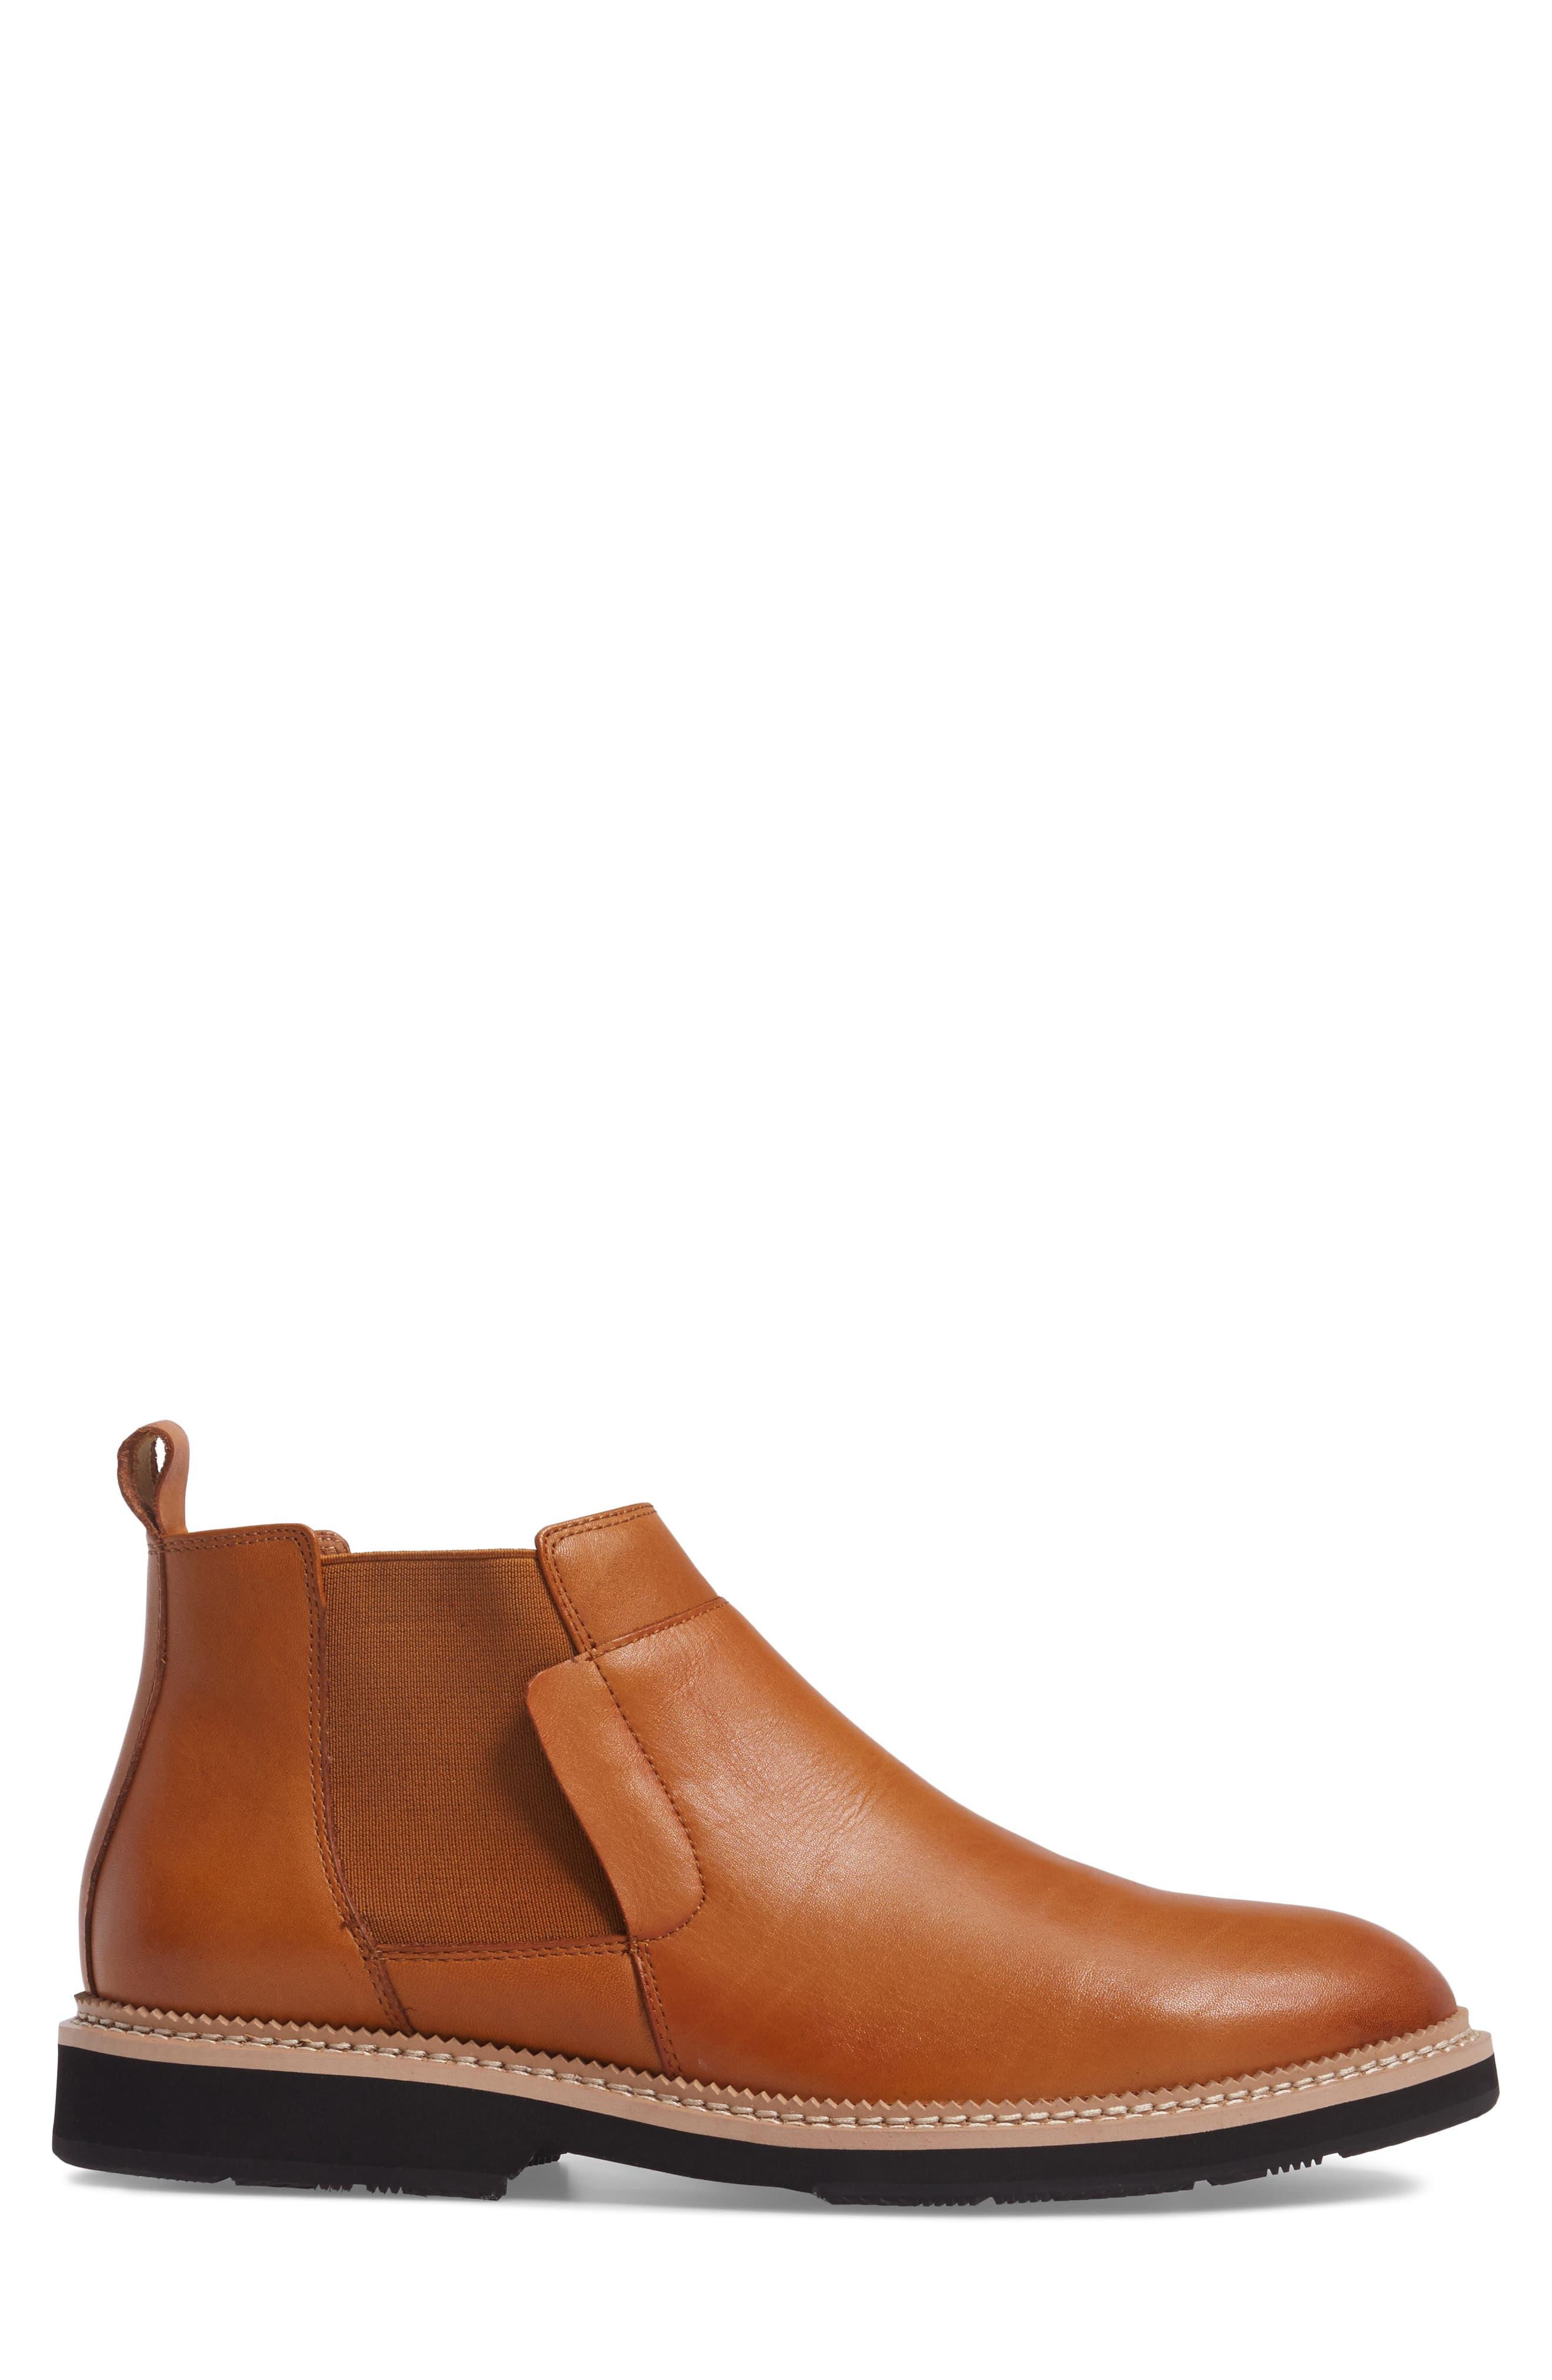 Garrad Chelsea Boot,                             Alternate thumbnail 3, color,                             Cognac Leather